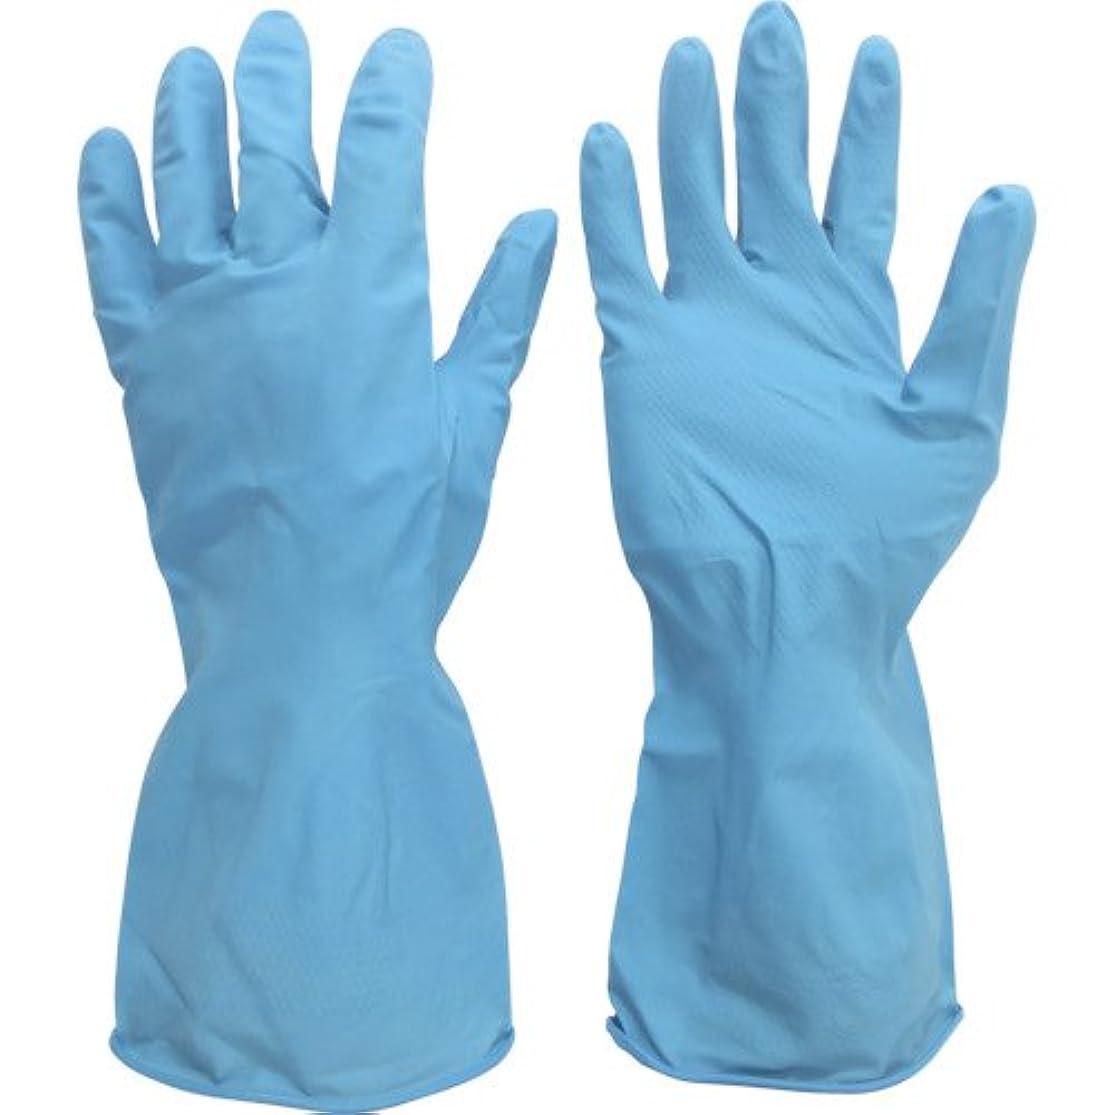 溢れんばかりの国内の陰気ミドリ安全 ニトリル薄手手袋 ベルテ270 1双入 S VERTE-270-S